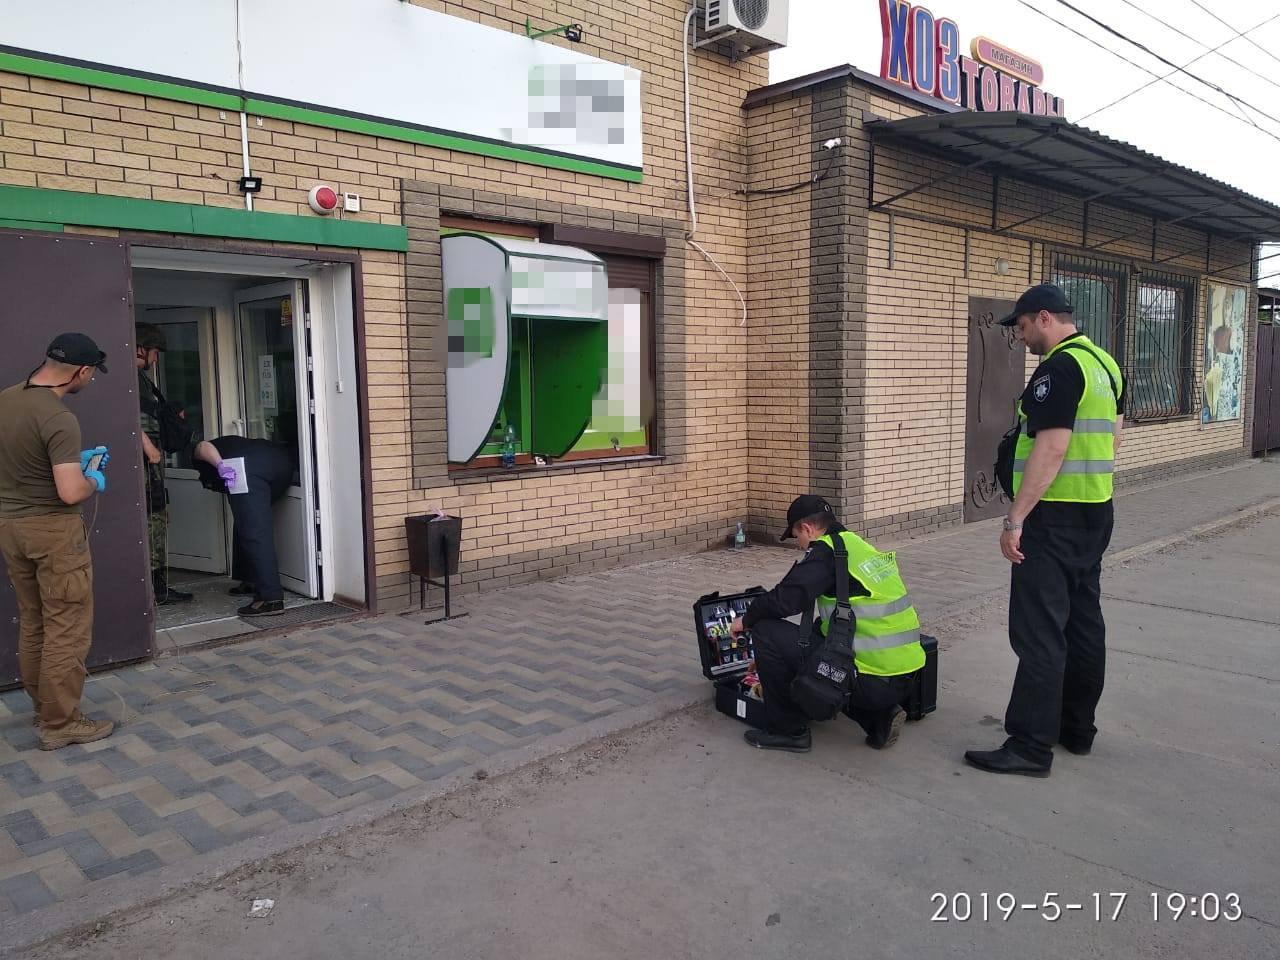 Бросал в людей, но подорвался сам: Взрыв в отделении банка в Луганской области